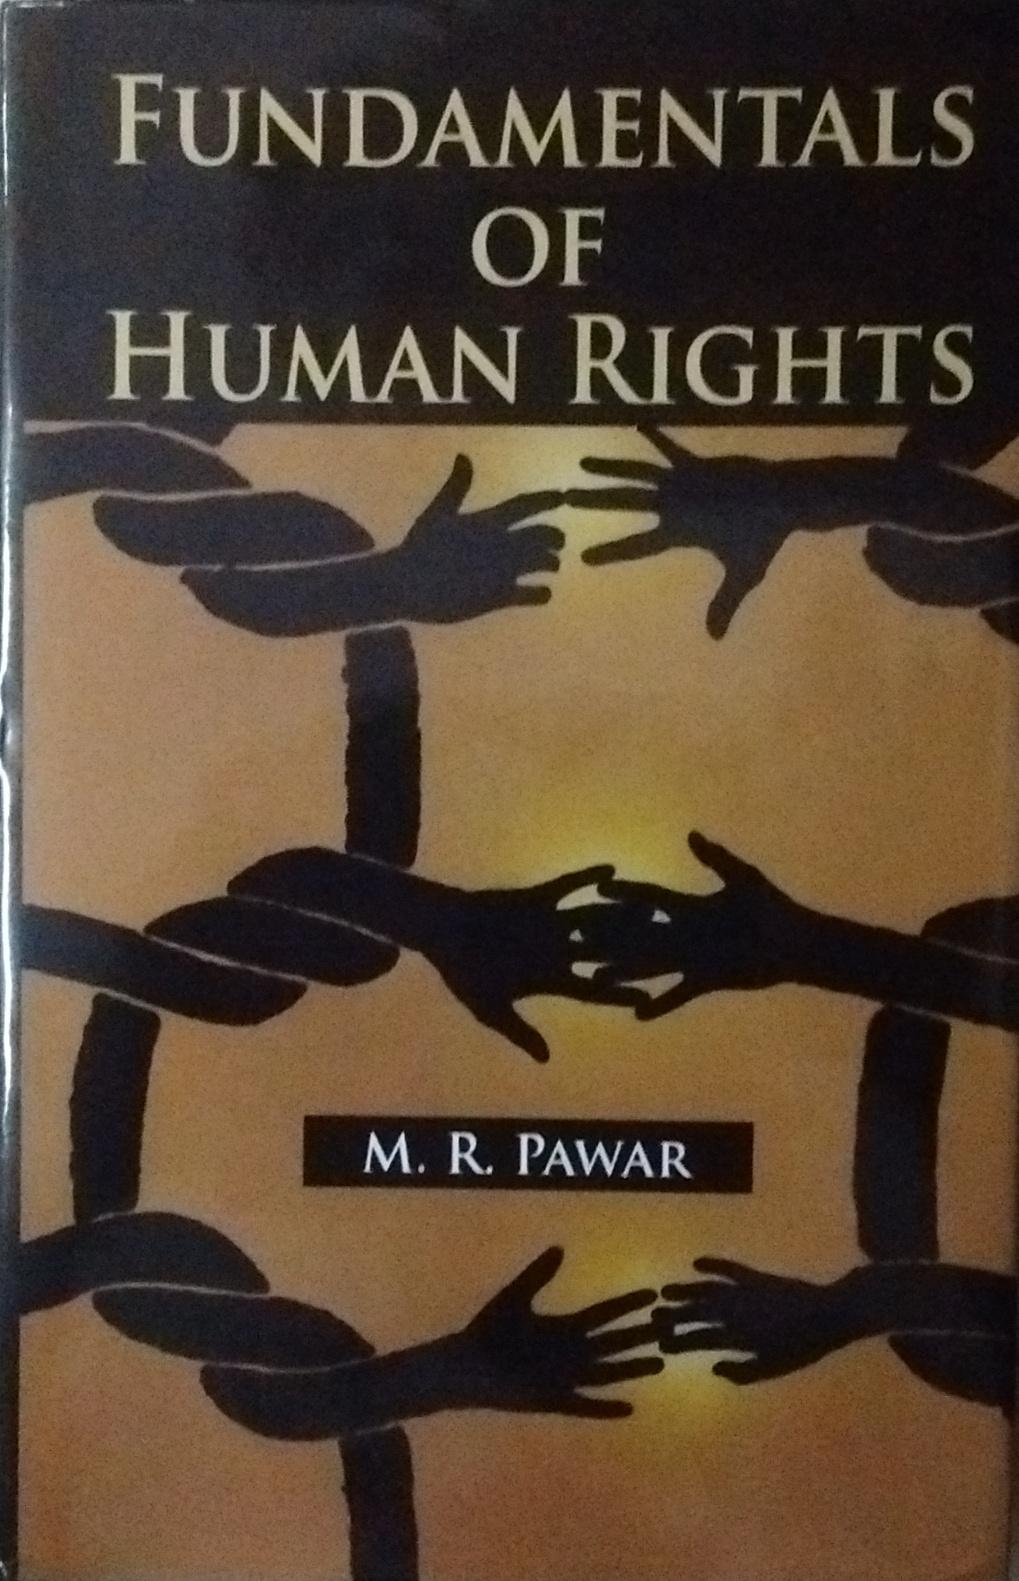 Fundamentals of Human Rights